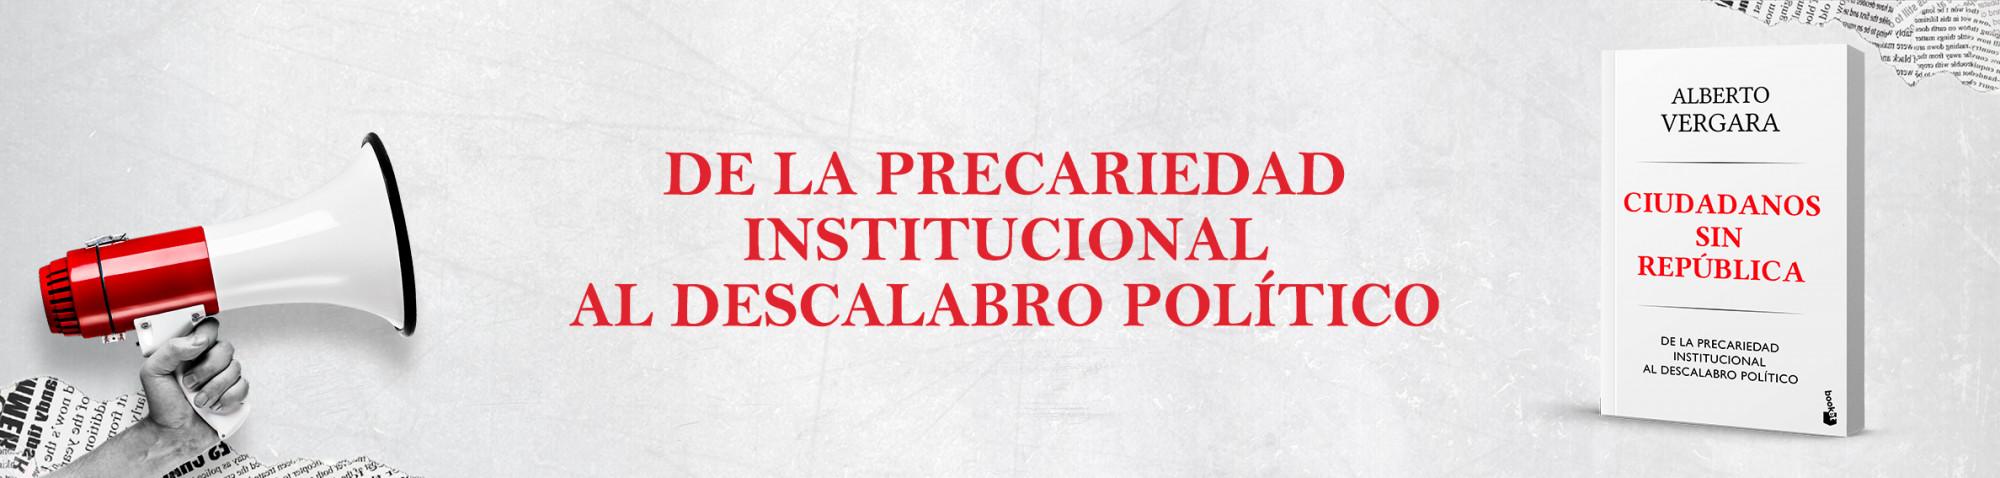 1243_1_CIUDADANOS-SIN-REPuBLICA-WEB.jpg